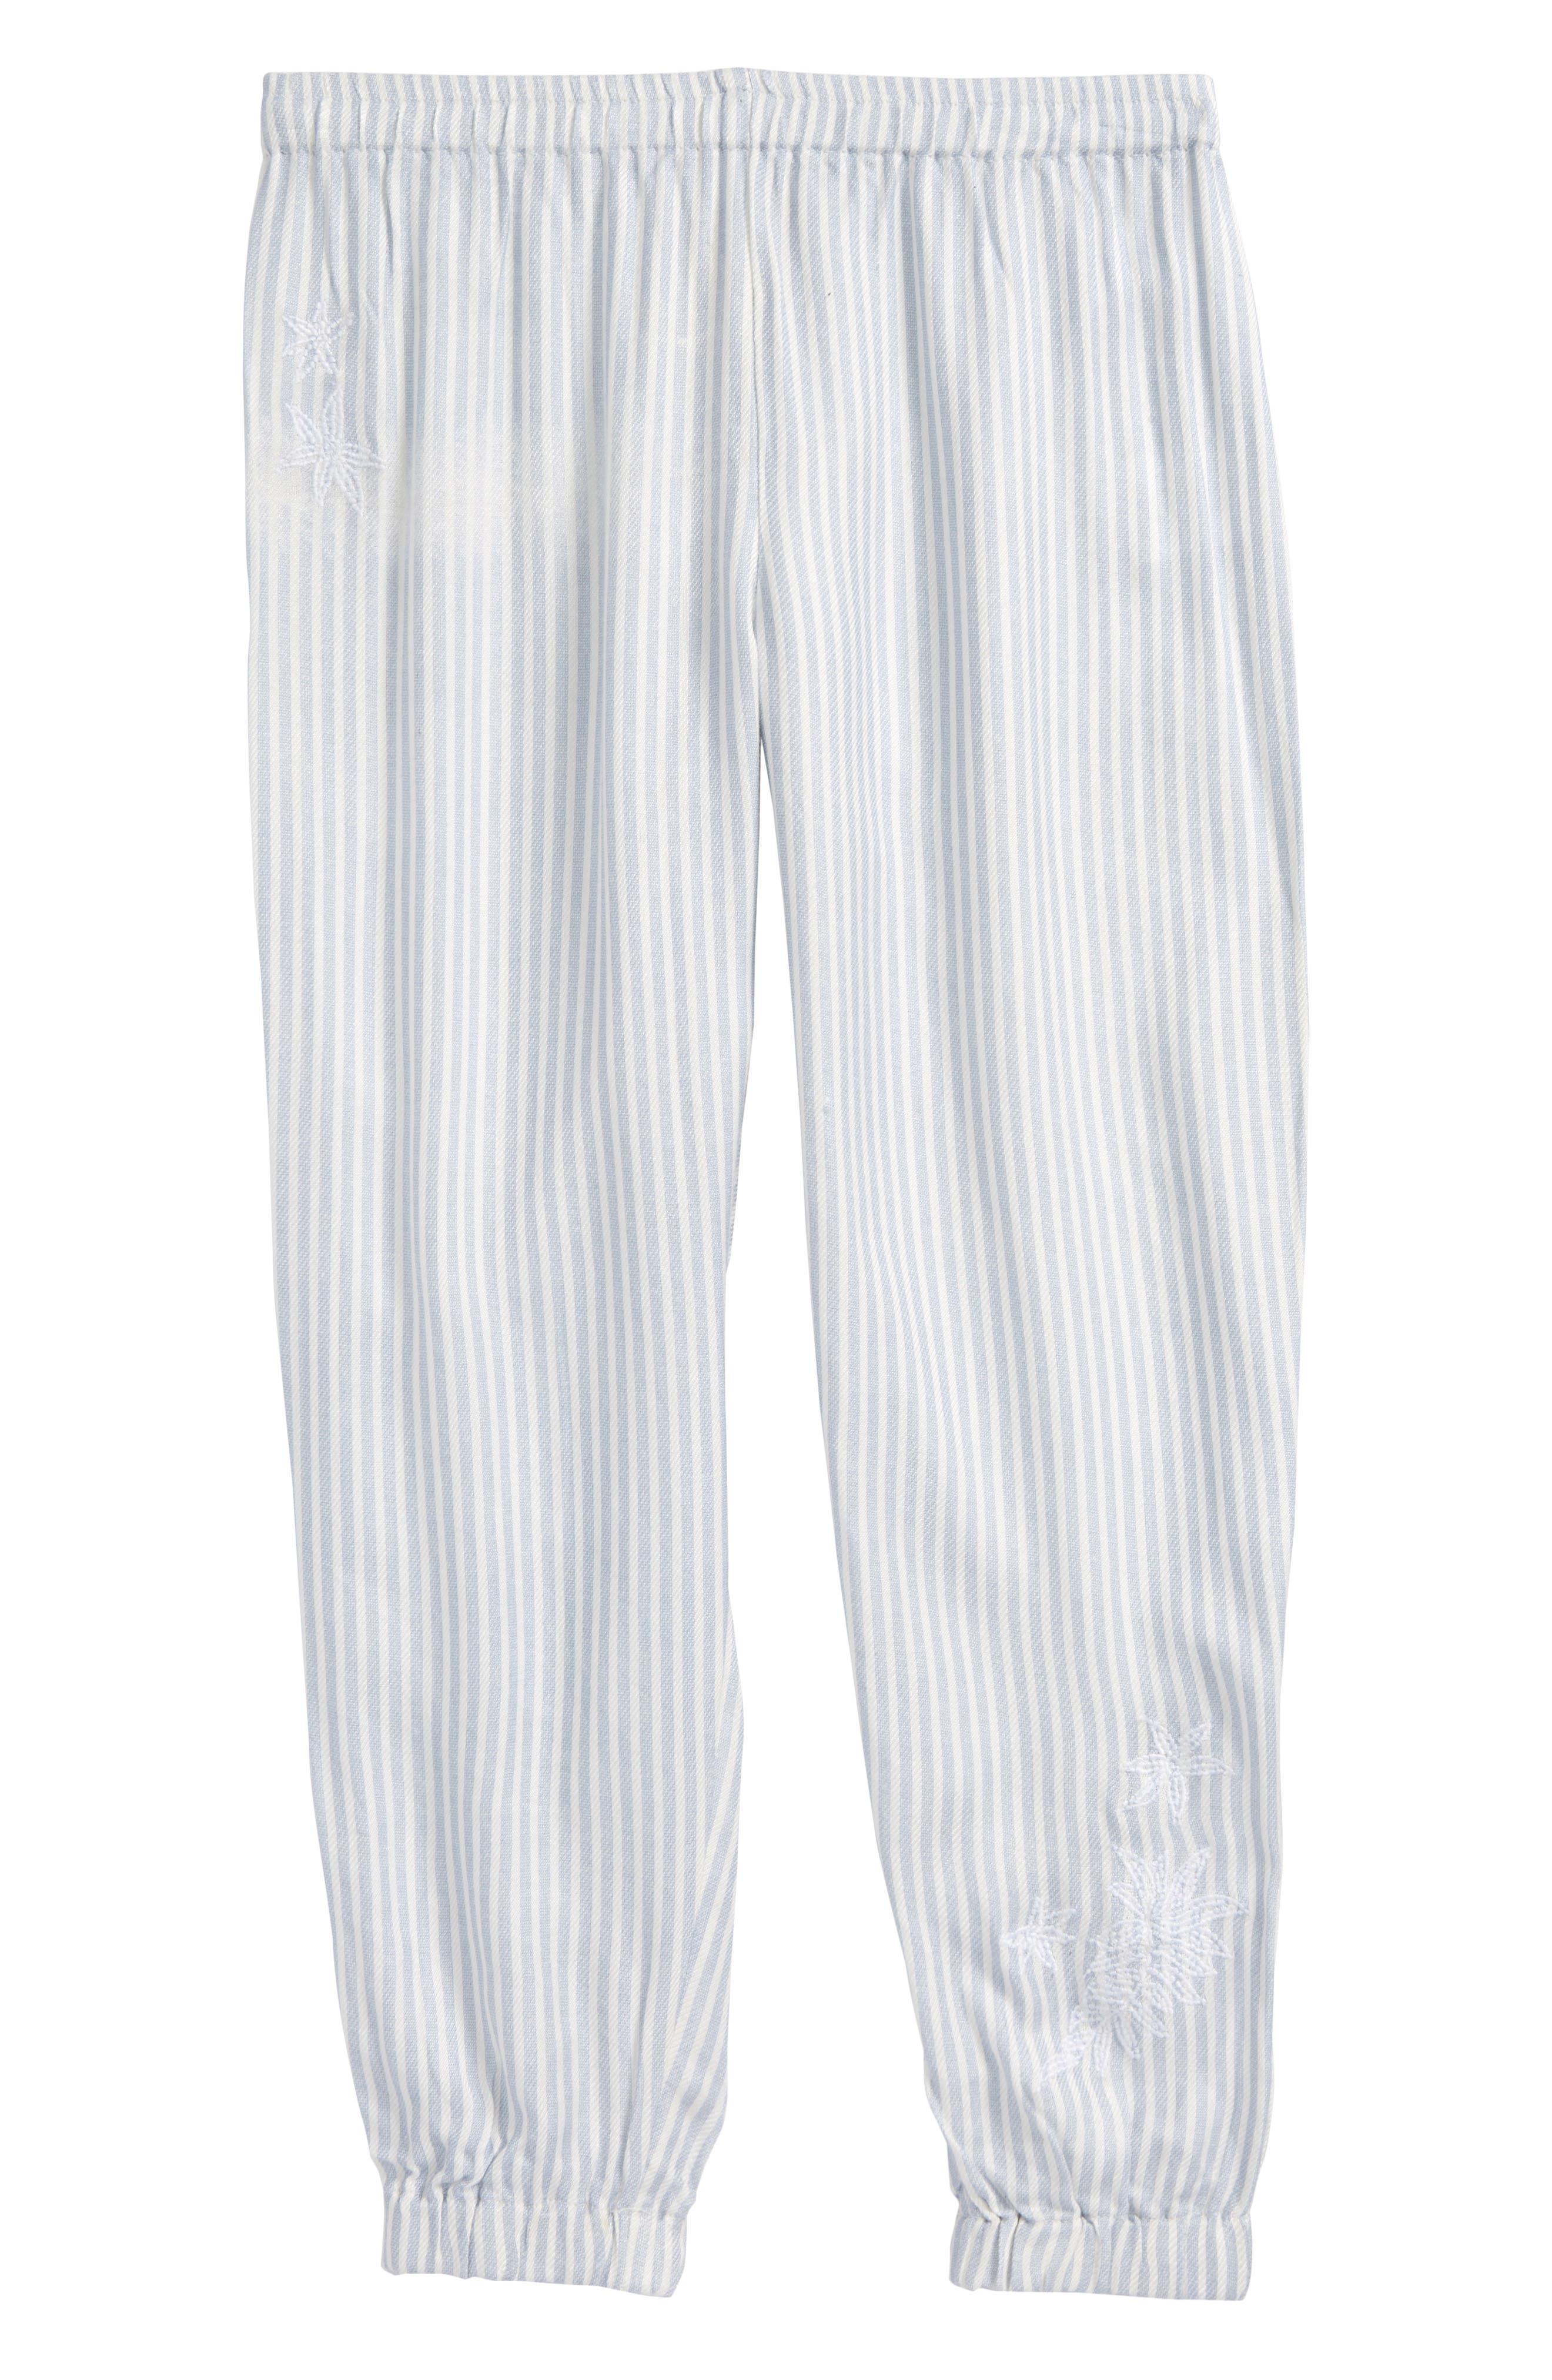 Skylar Stripe Jogger Pants,                             Main thumbnail 1, color,                             100